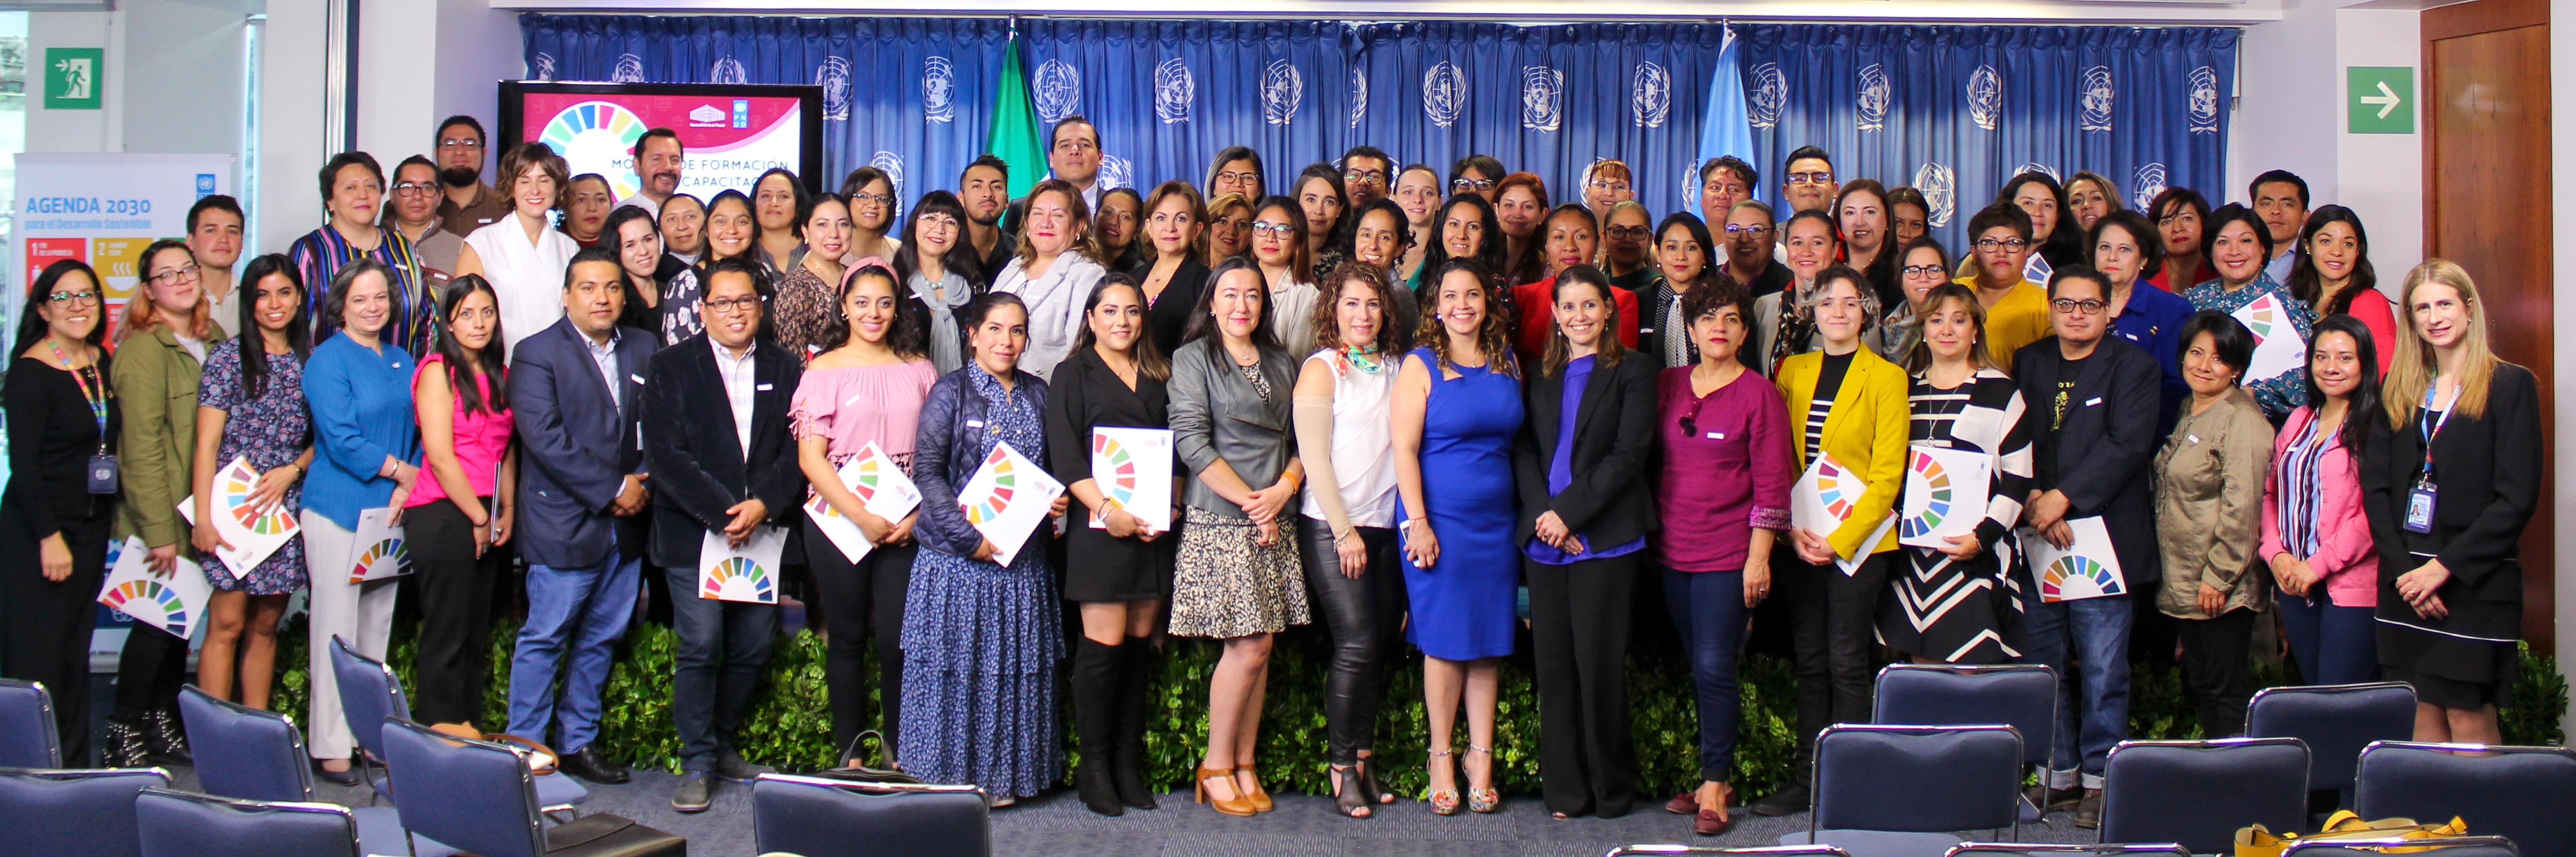 """Segunda edición del """"Modelo de formación y capacitación para transitar hacia un enfoque de derechos, desarrollo sostenible e inclusión"""""""